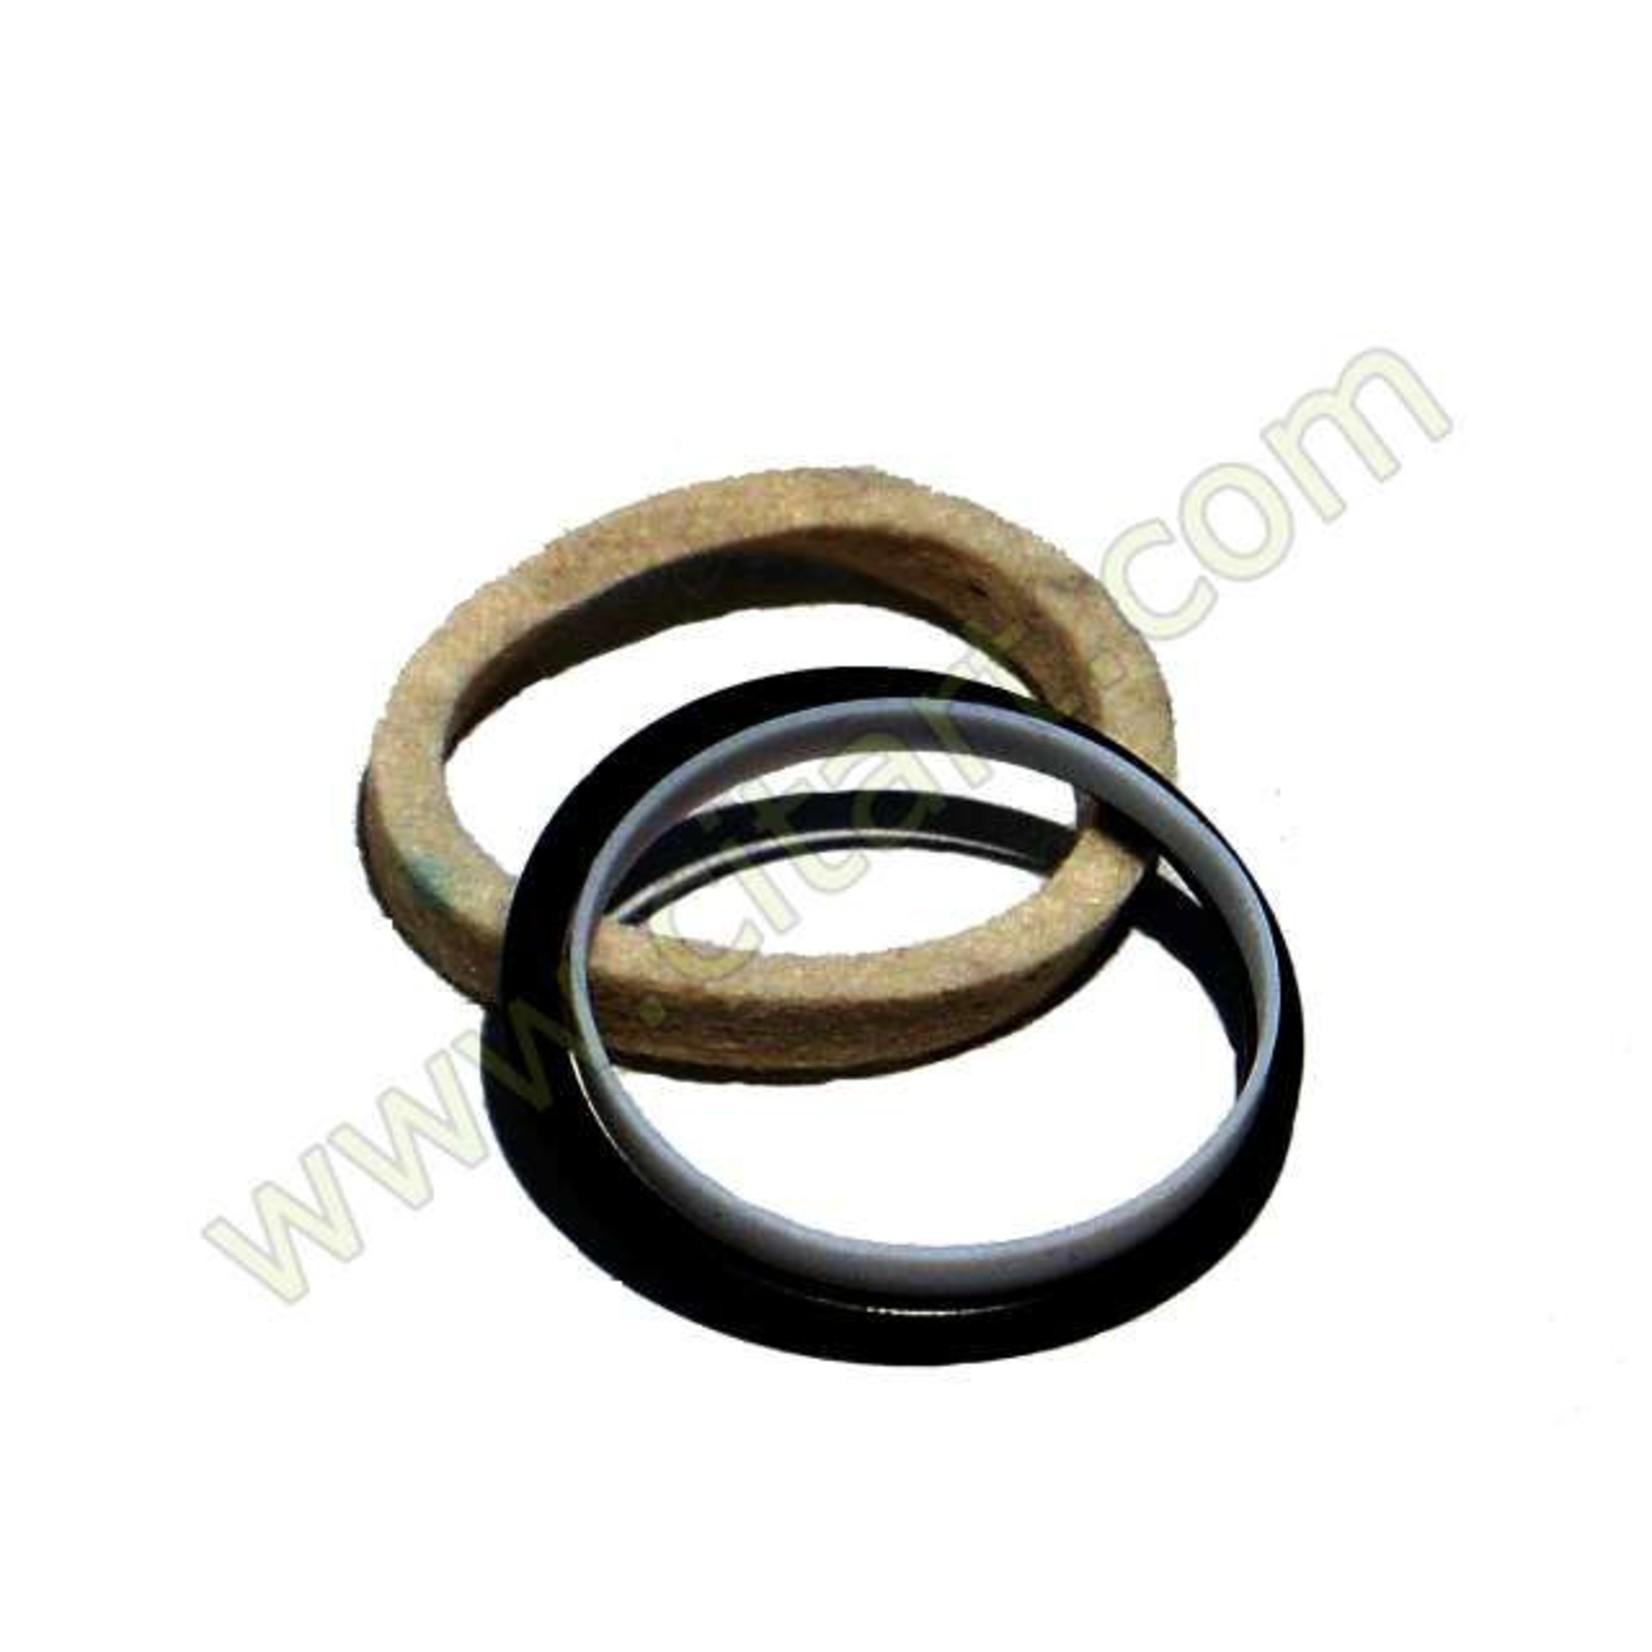 Kit révision cylindre suspension berline Nr Org: 5443097